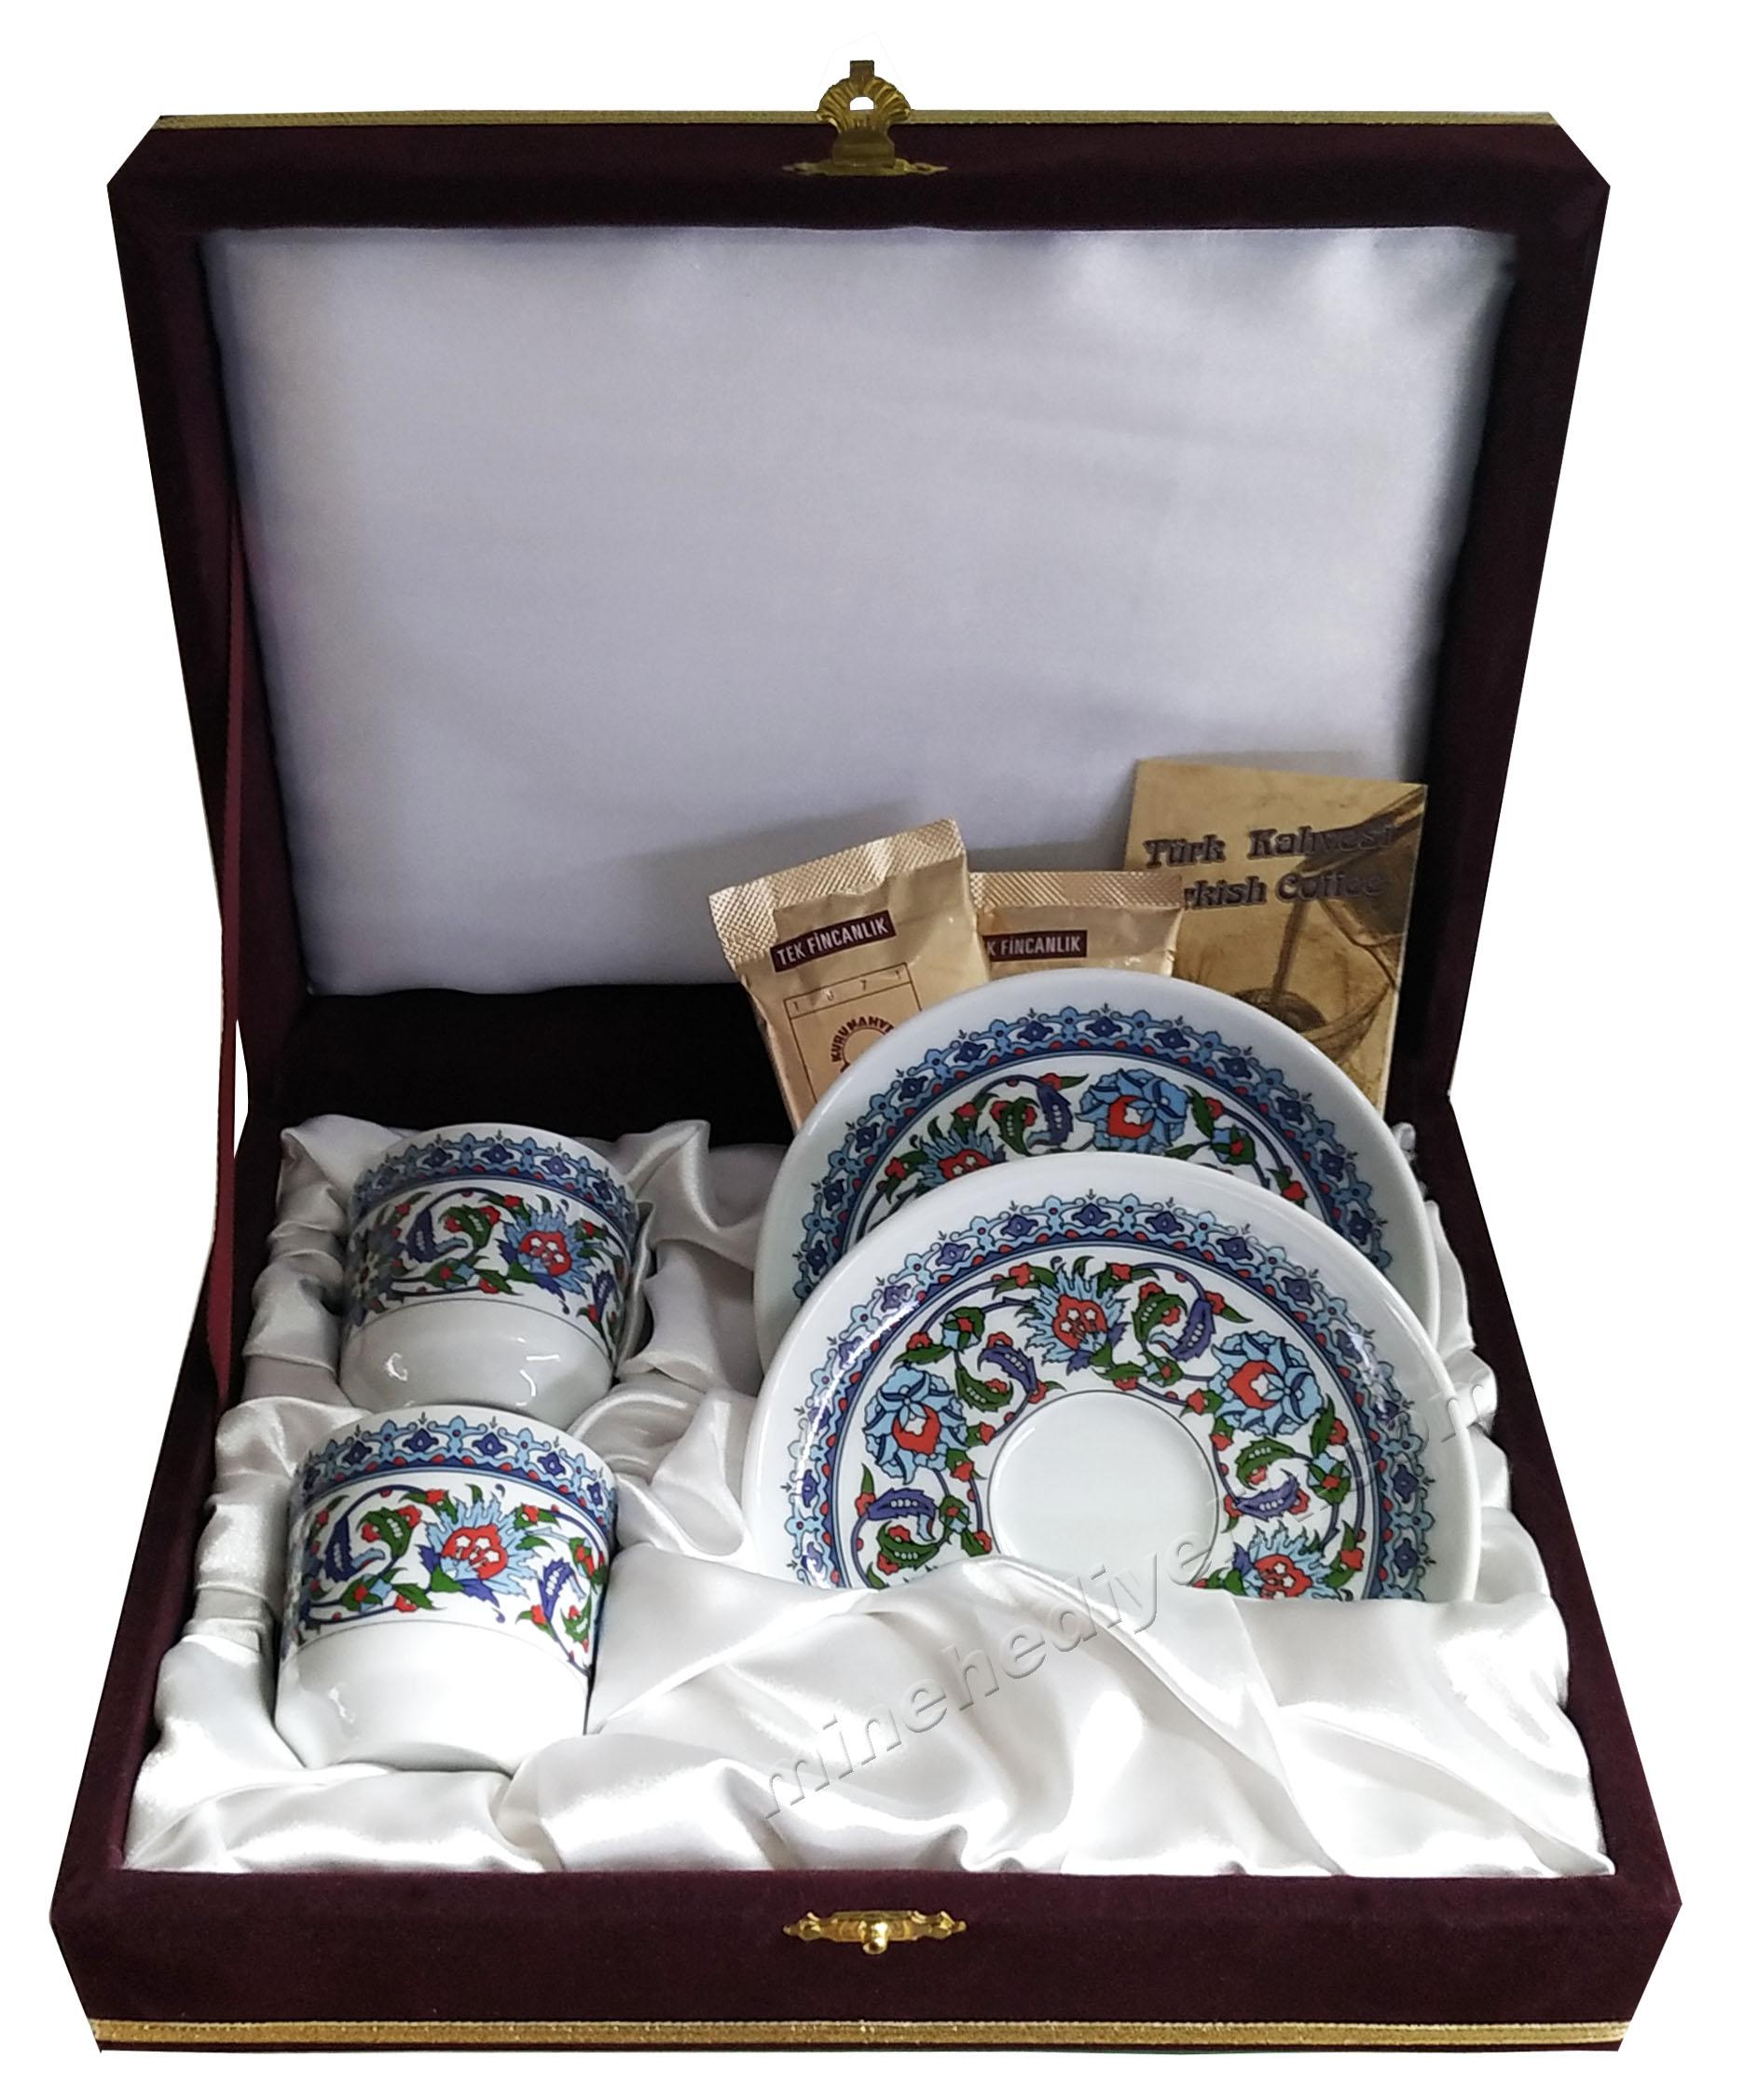 Kaliteli Kişilik Kahve Fincan Setleri Özel Tasarım Kutularda Klasik Desenli Bordo Kutulu 2'li setler Osmanlı Fincanı